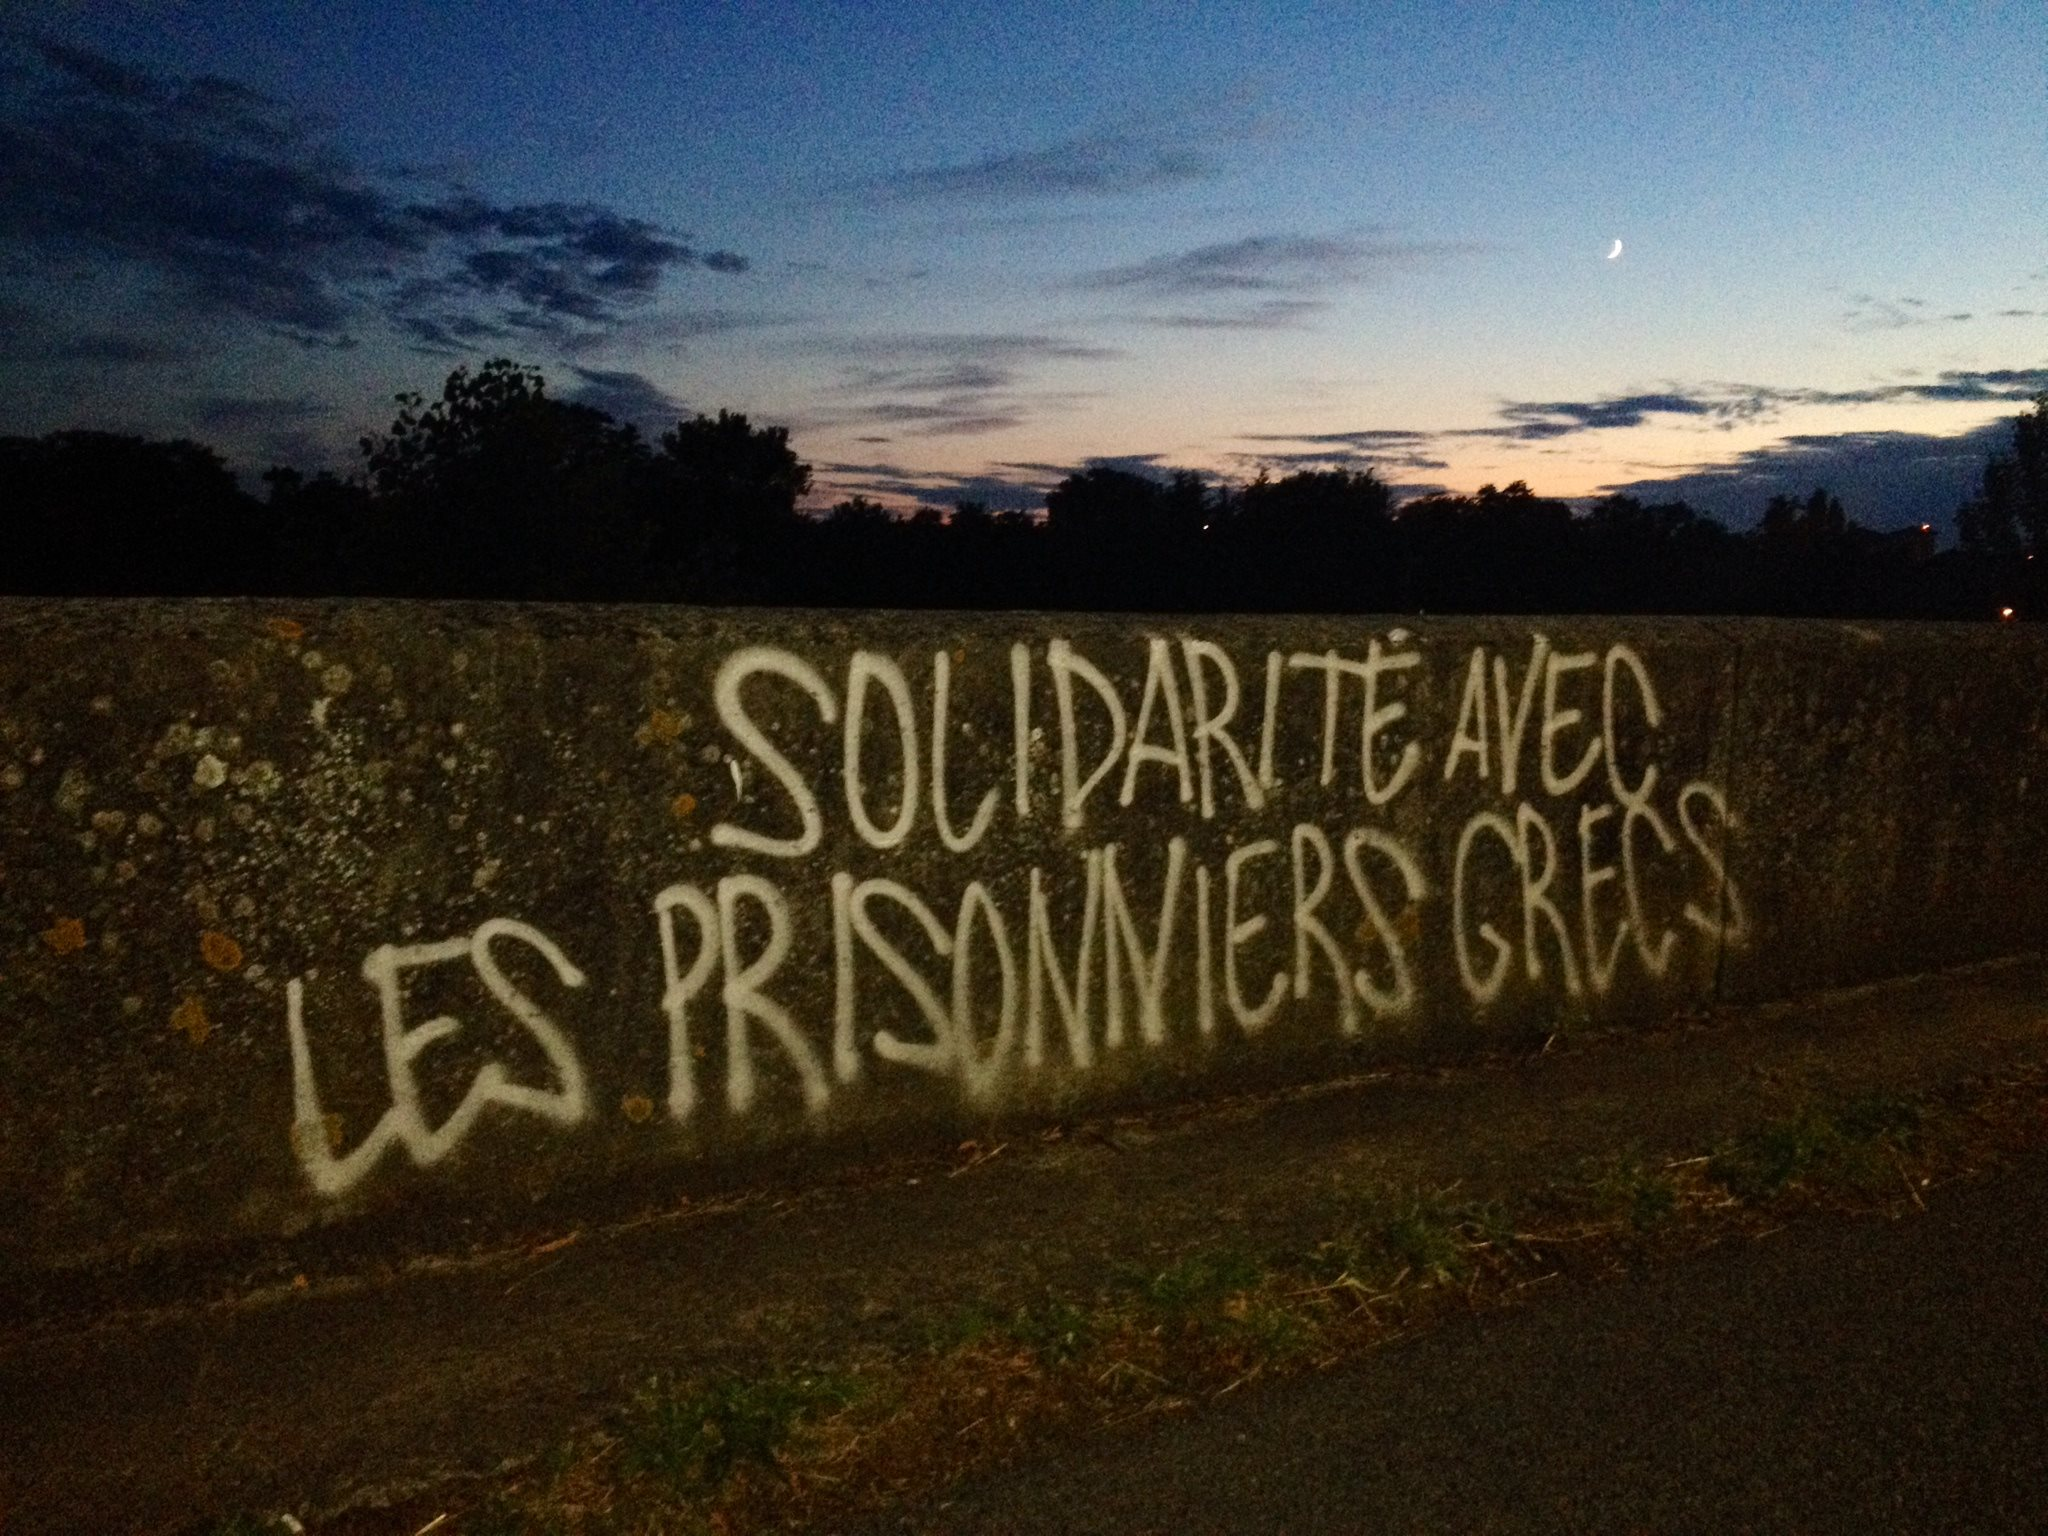 Tag solidaire des prisonniers grecs sur les bords de la Garonne.